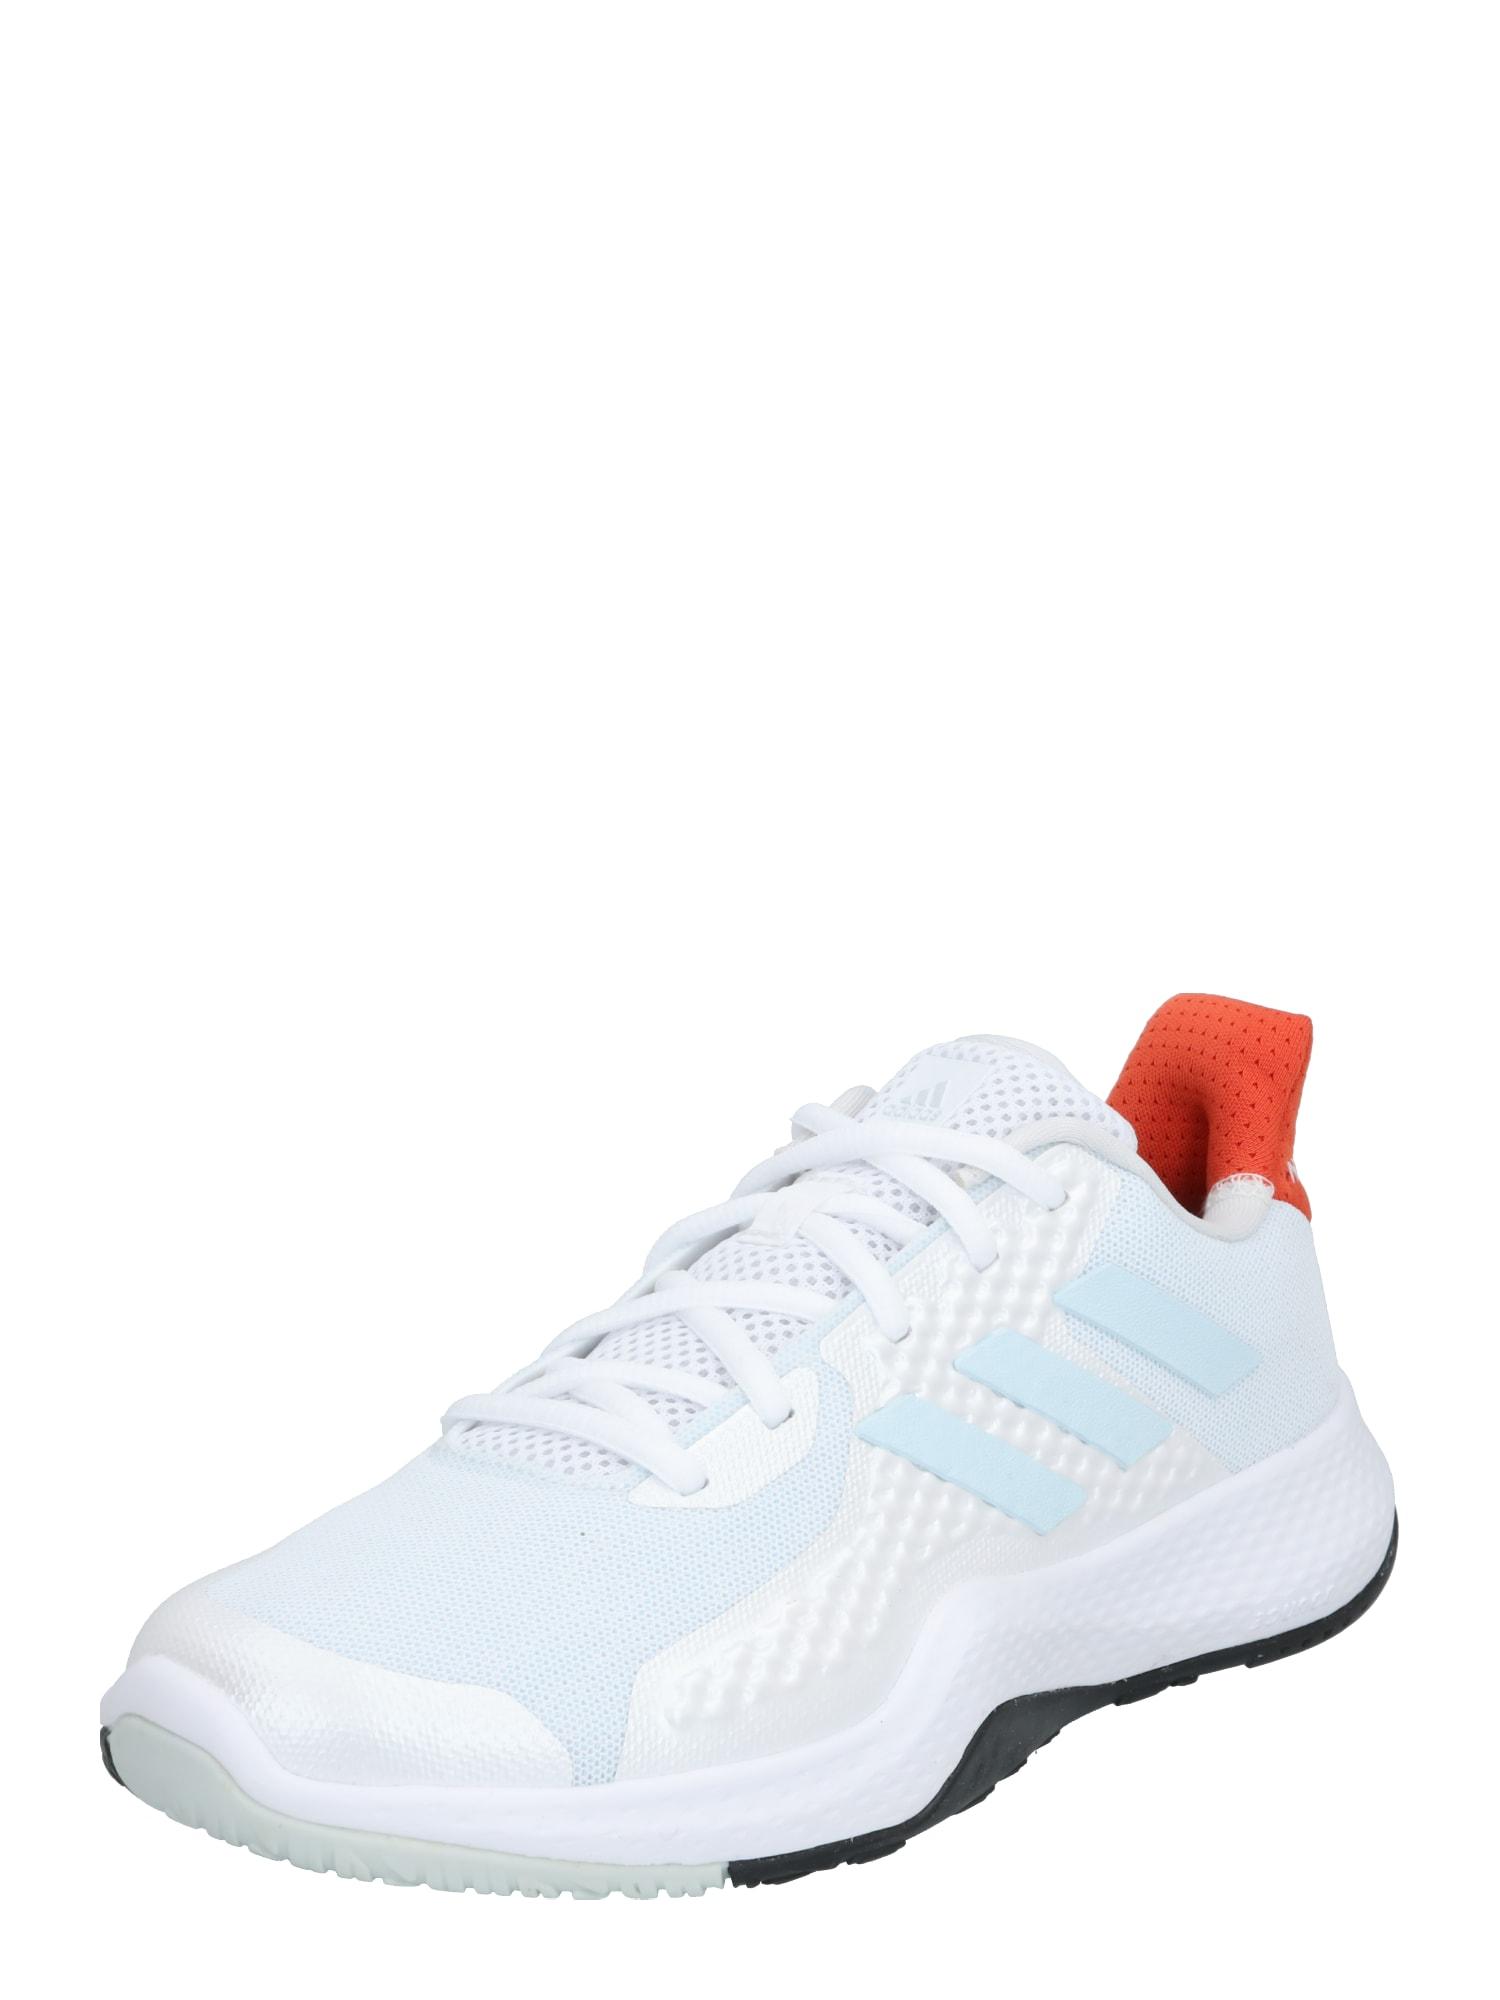 ADIDAS PERFORMANCE Sportiniai batai 'FitBounce Trainer' oranžinė / balta